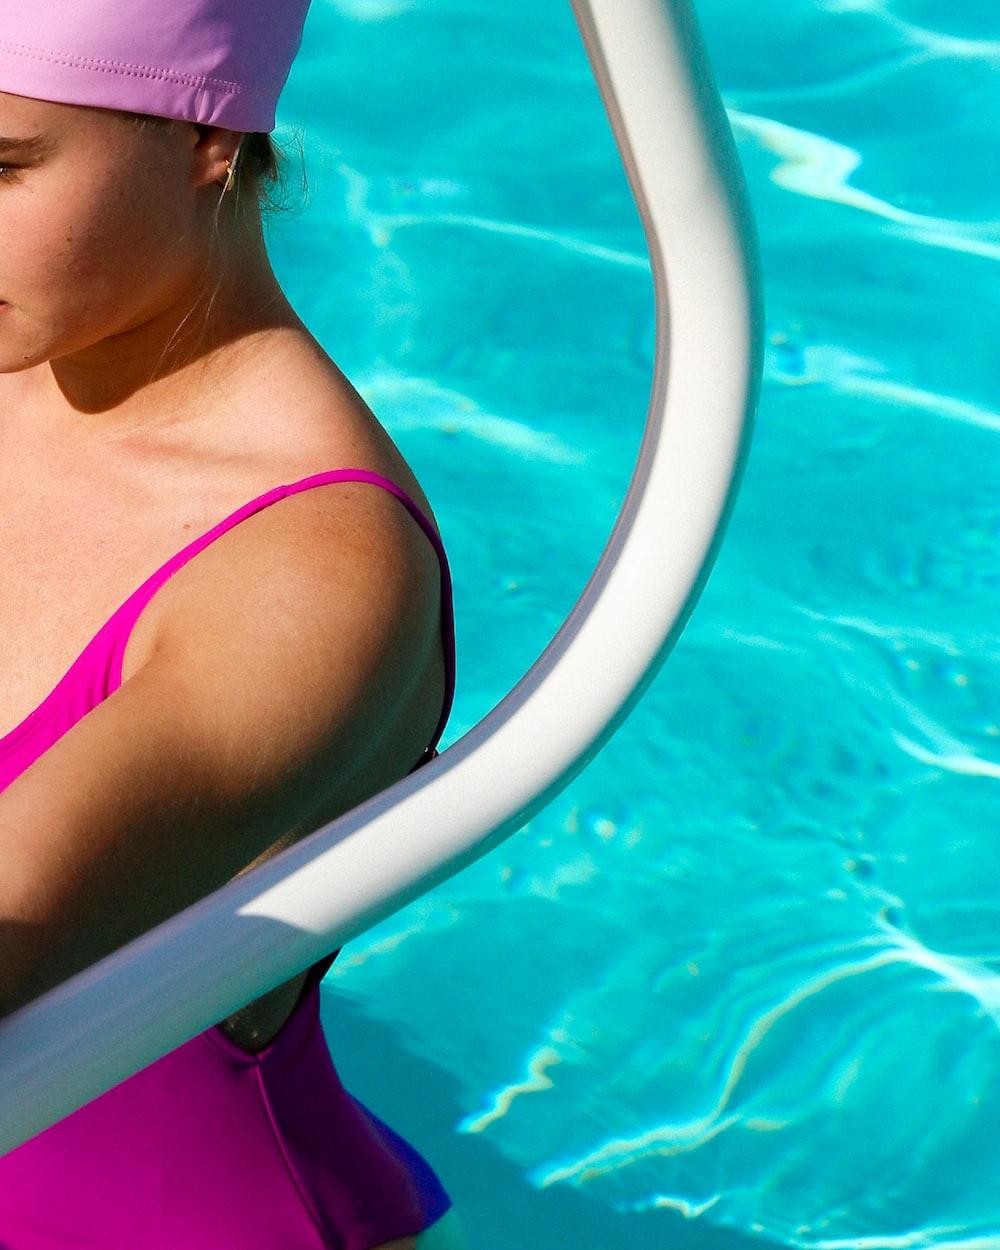 woman in pink bikini top in pool